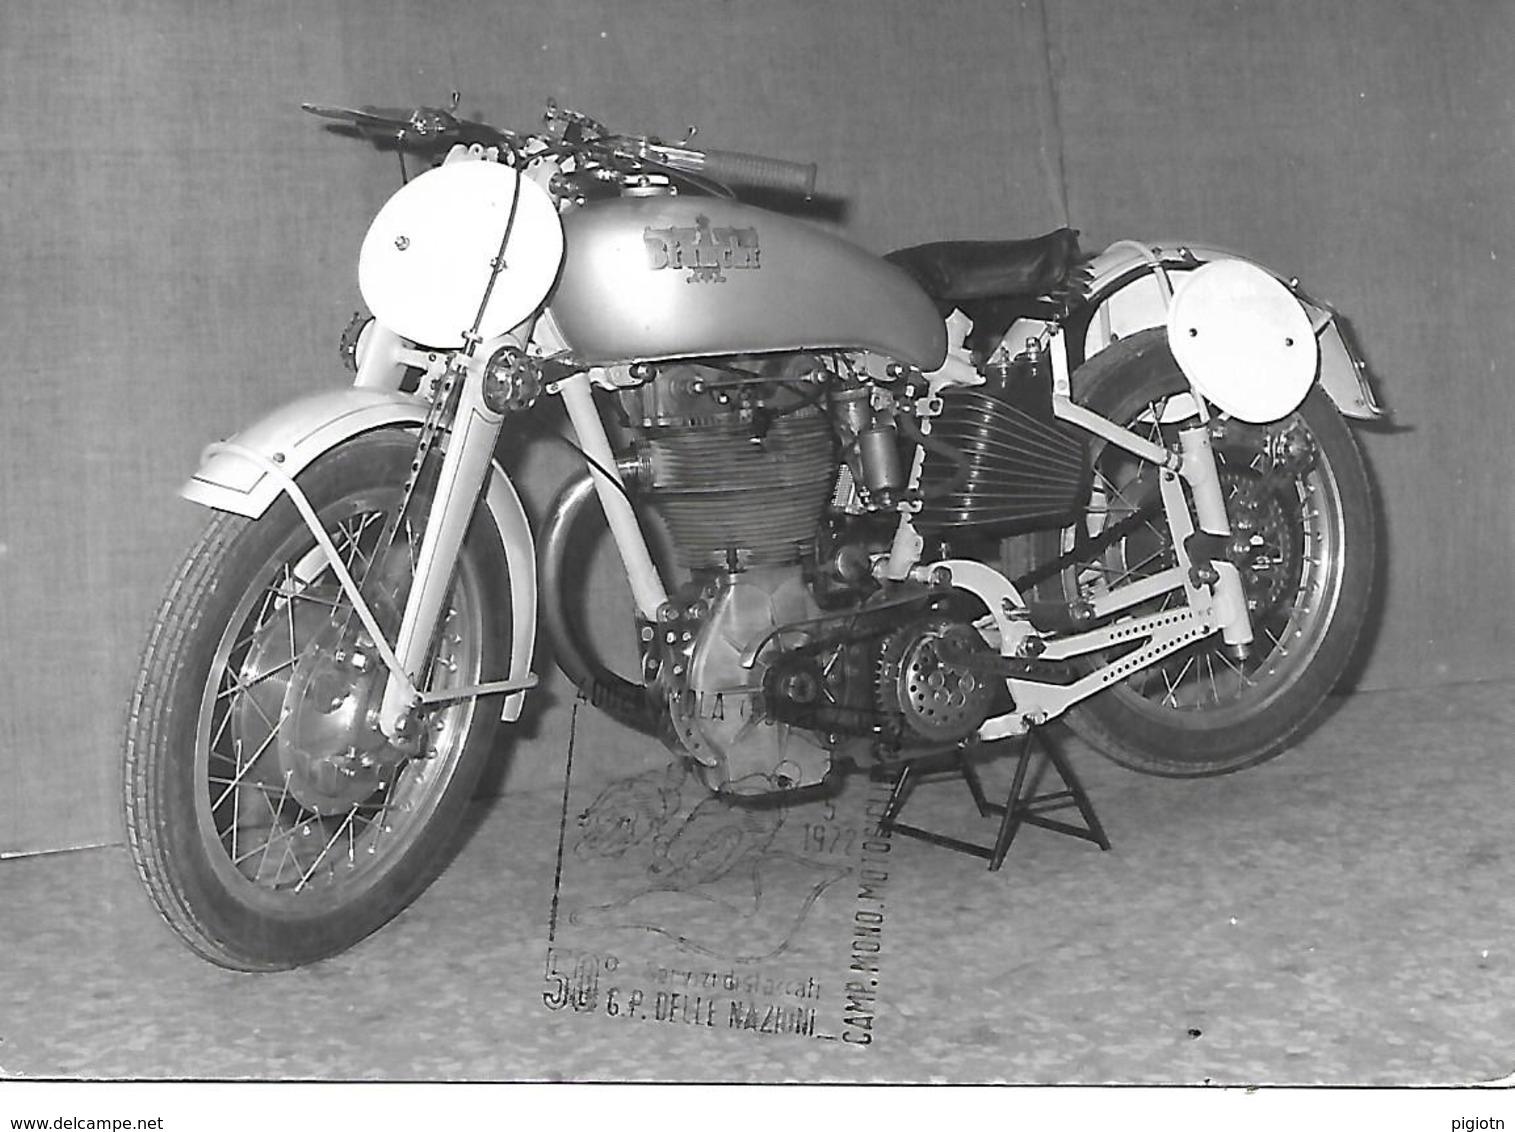 COR051 - ANNULLO IMOLA (BOLOGNA) - MOTO MOTOCICLISMO - 50° G.P. DELLE NAZIONI  - BIANCHI 500C.C. BIALBERO  -  21.05.1975 - Moto